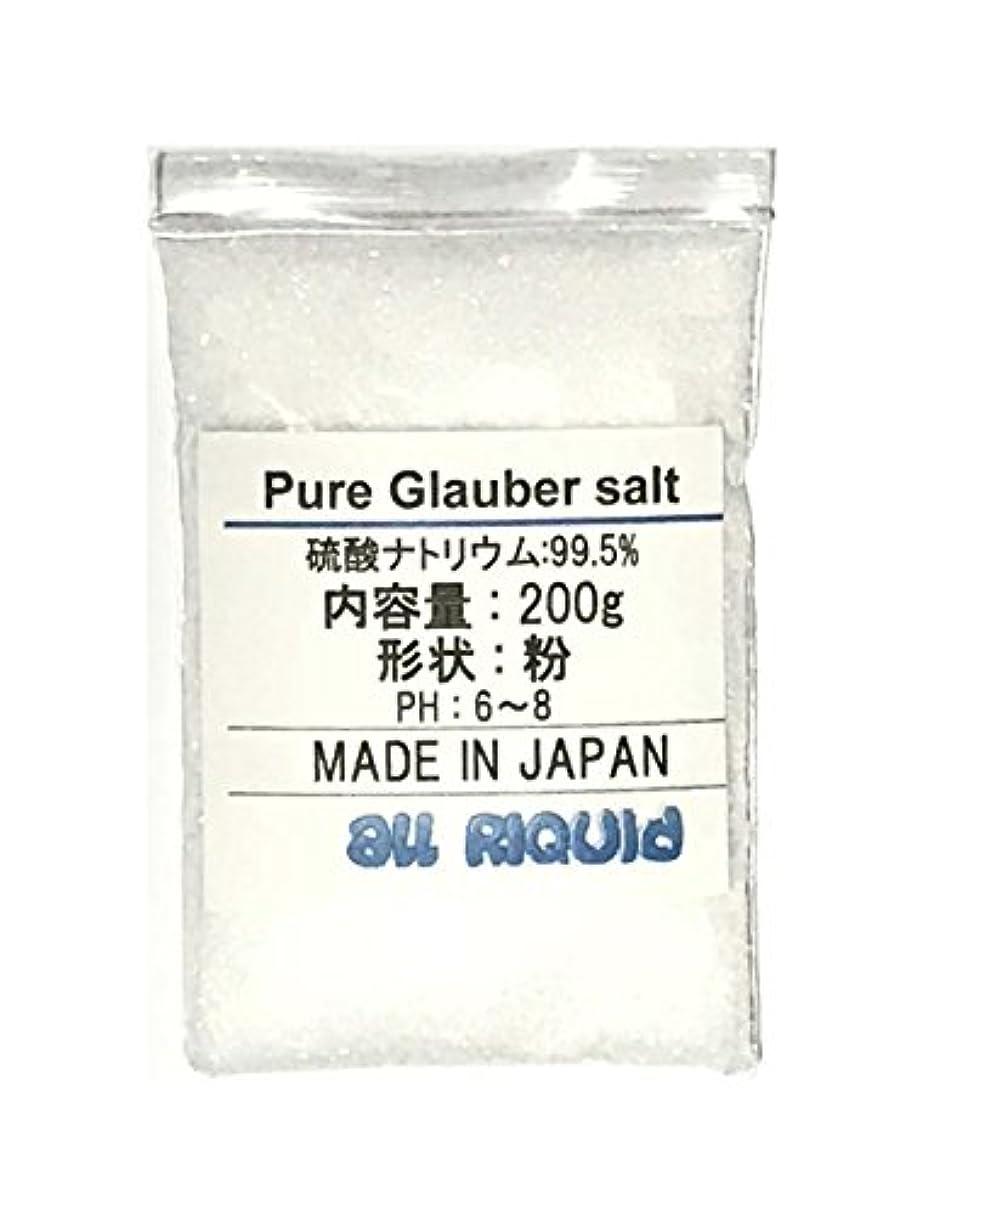 引き受ける小道具現実的純 グラウバー 無香料 200g (硫酸ナトリウム) 10回分 99.5% 国産品 オールリキッド 芒硝